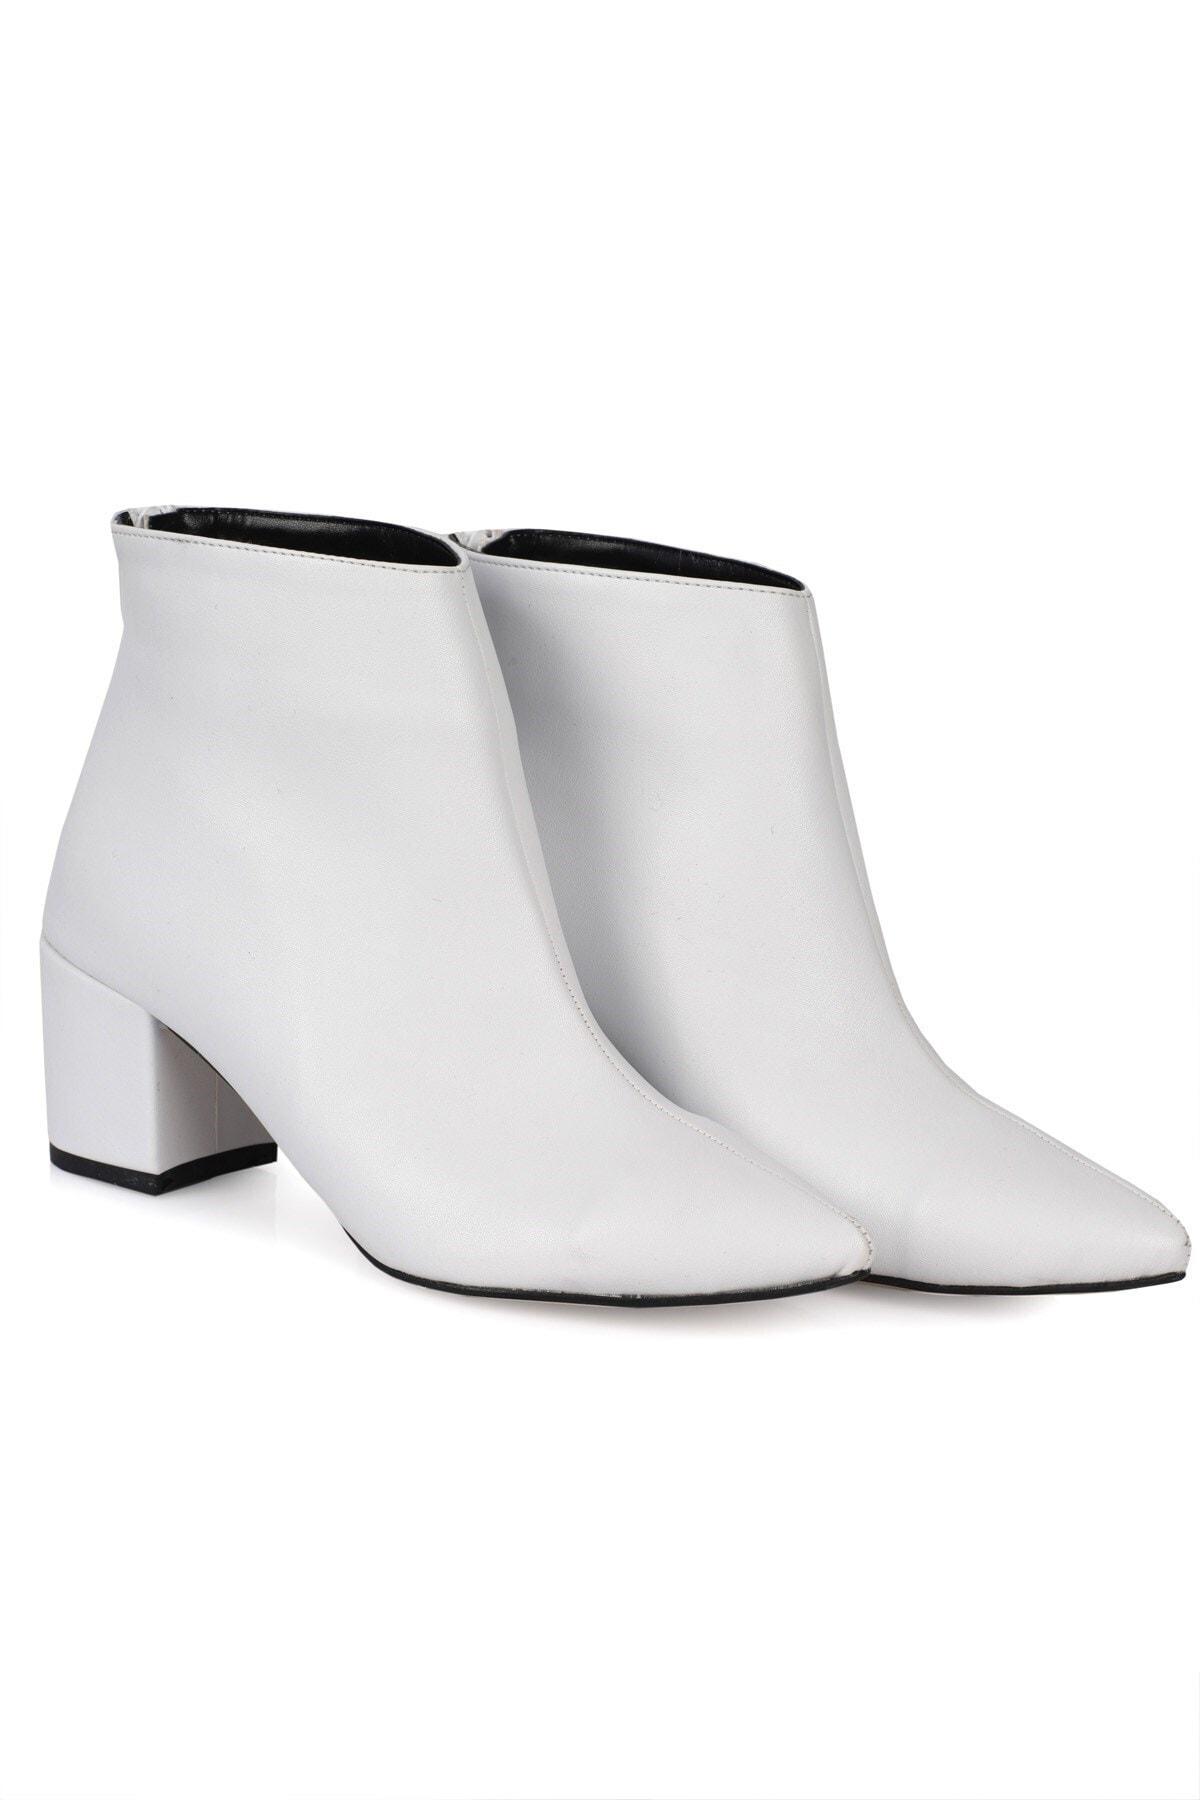 Nizar Deniz Beyaz Mat Kadın Çizme - Oblavion Beyaz Alba